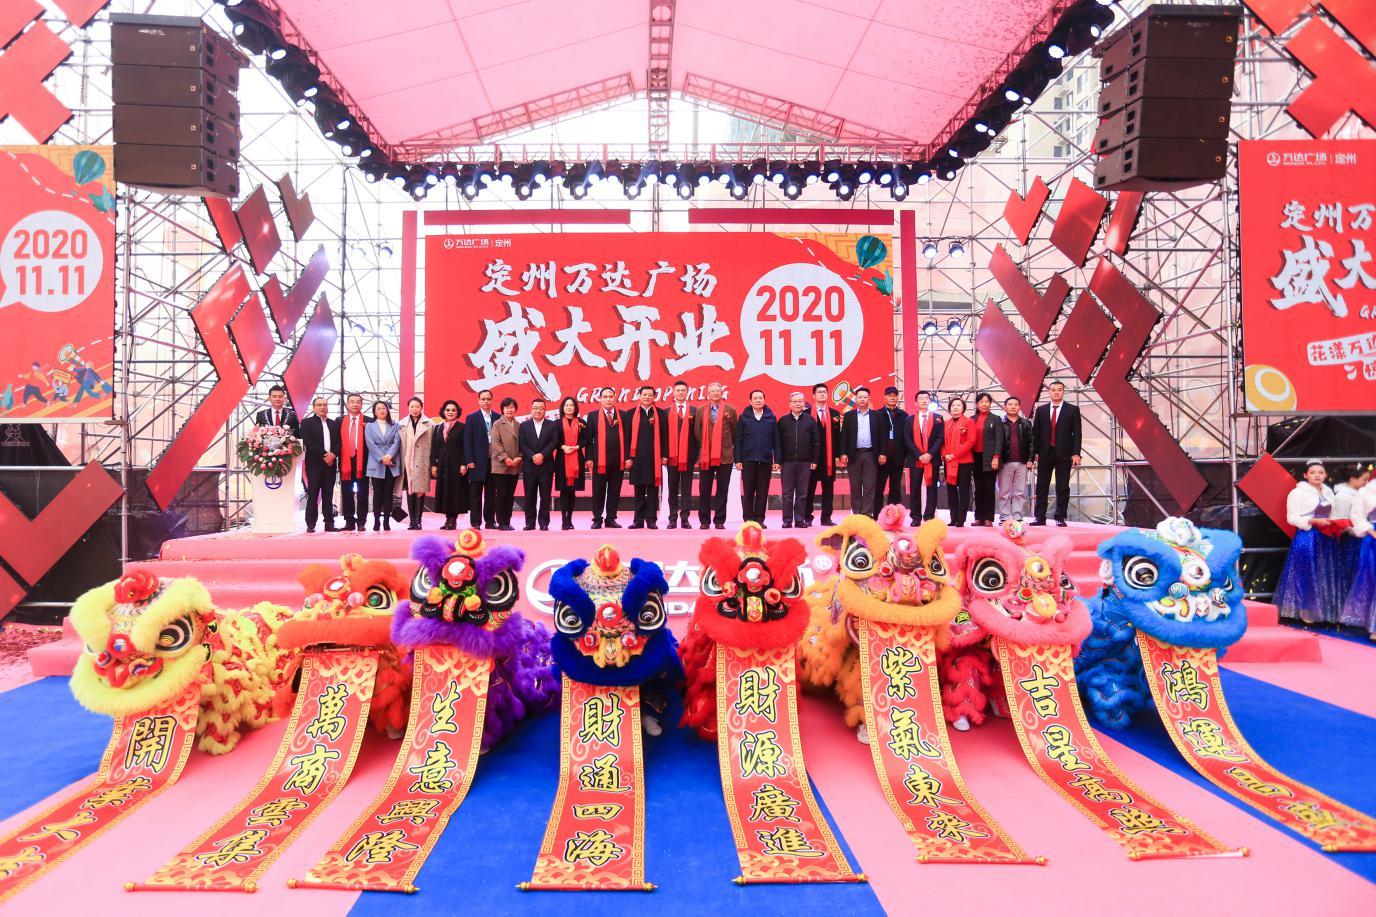 花漾万达,惊艳一座城 定州万达广场11月11日盛大启幕